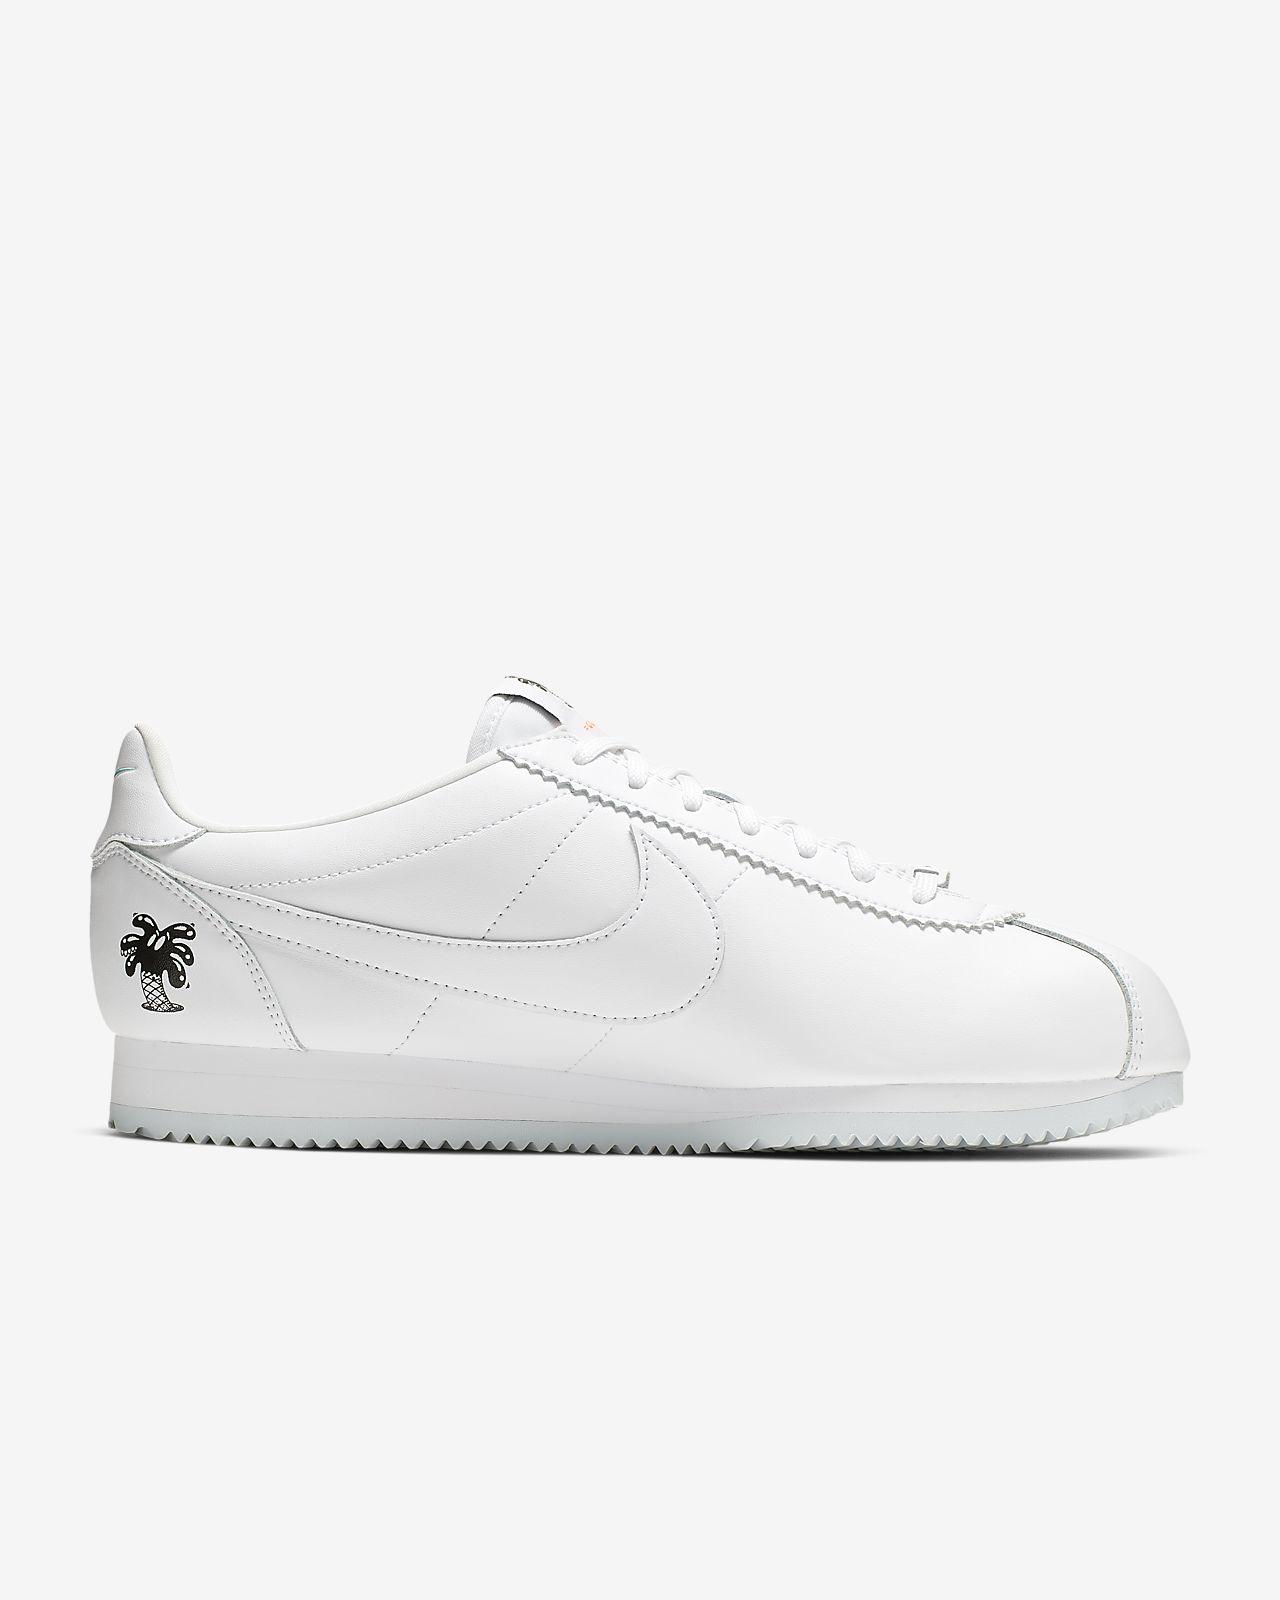 official photos 83319 9b9bd ... Buty męskie Nike Cortez QS FlyLeather wykonane w przynajmniej 50% ze  skórzanych włókien